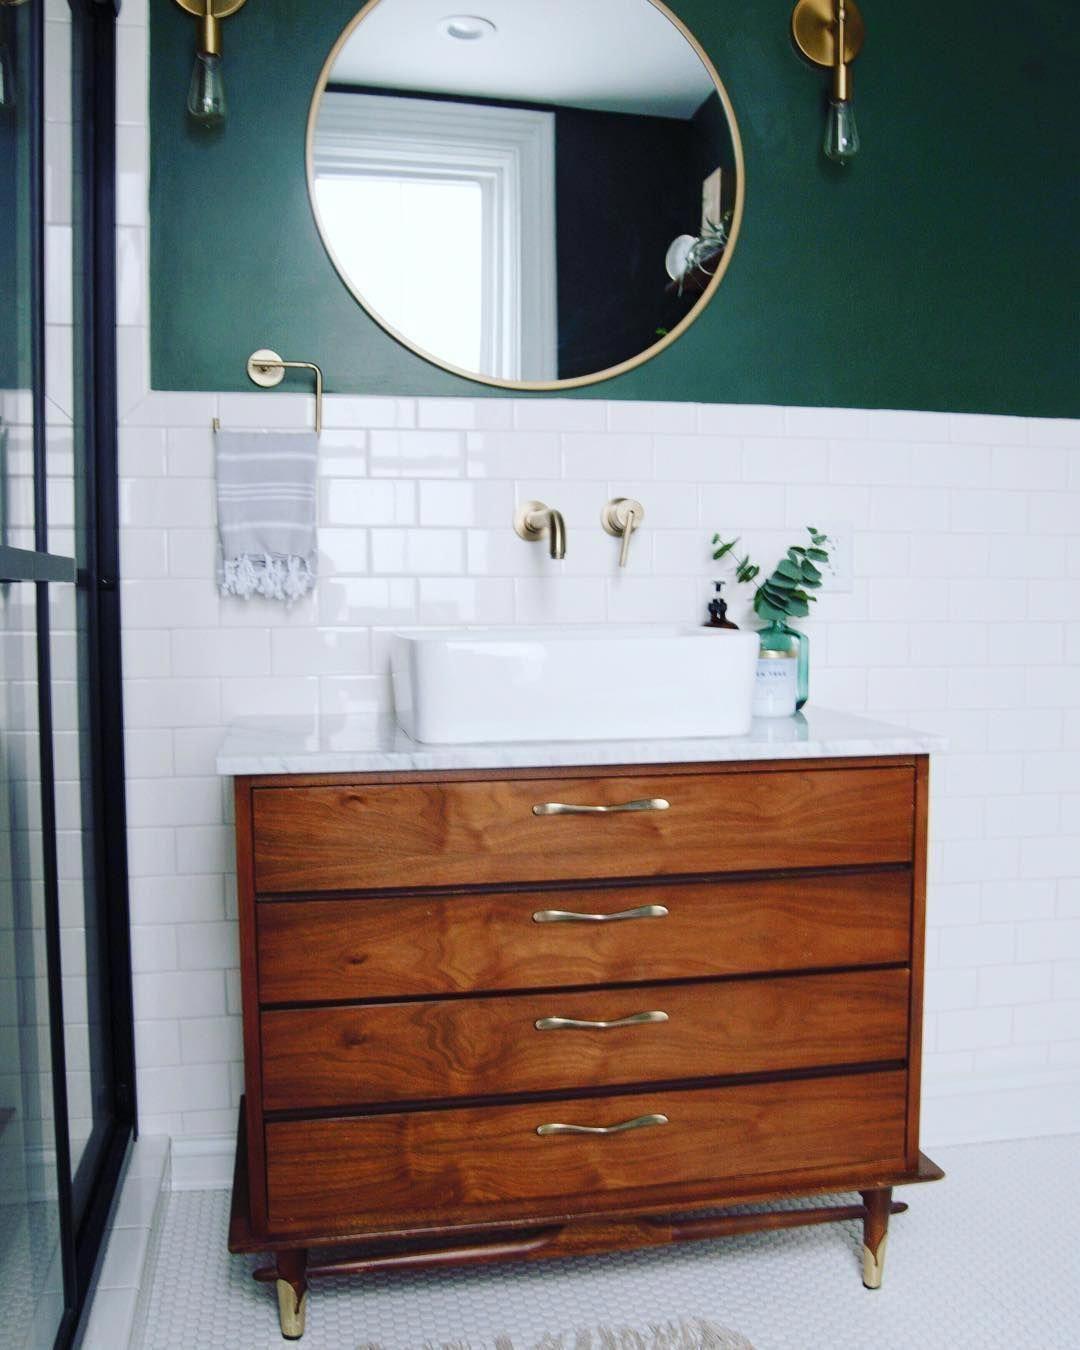 Mid Century Modern Dresser Vanity Bathroom Midcentury Bathroomvanity Modernes Badezimmer Kommode Modern Badezimmerwaschtisch